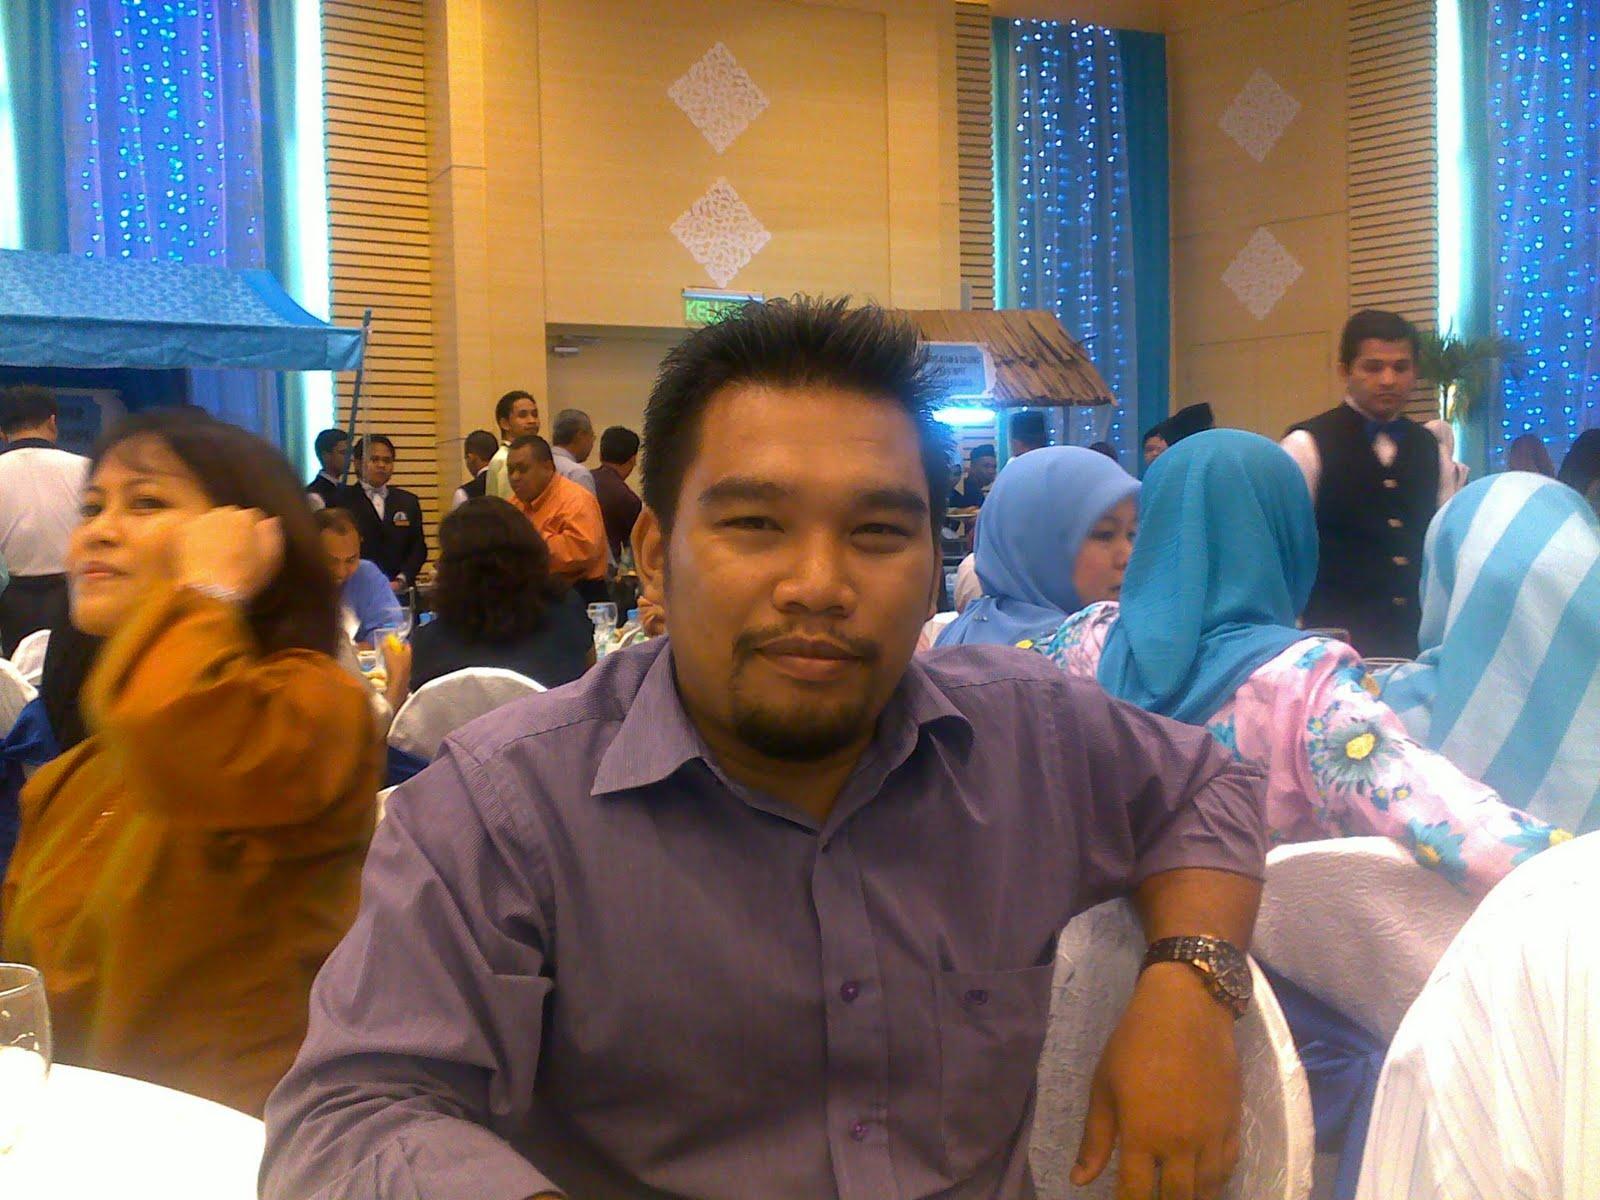 images of Janda Melayu Videos Tetek Besar Video Codes